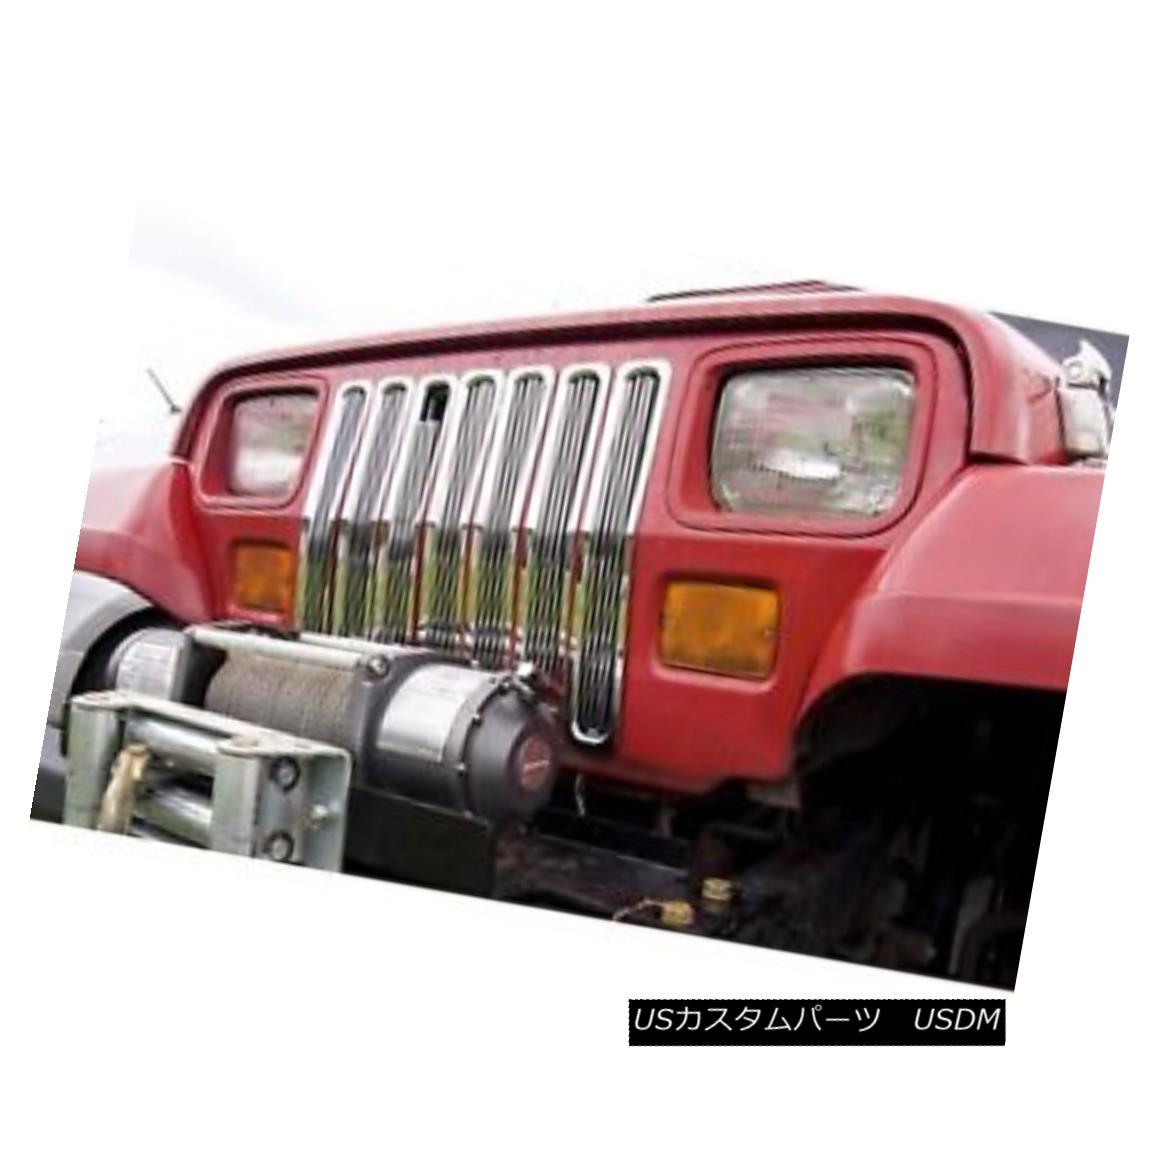 グリル Billet Grille Inserts, Chrome; 87-95 Jeep Wrangler YJ ビレットグリルインサート、クロム; 87-95ジープラングラーYJ